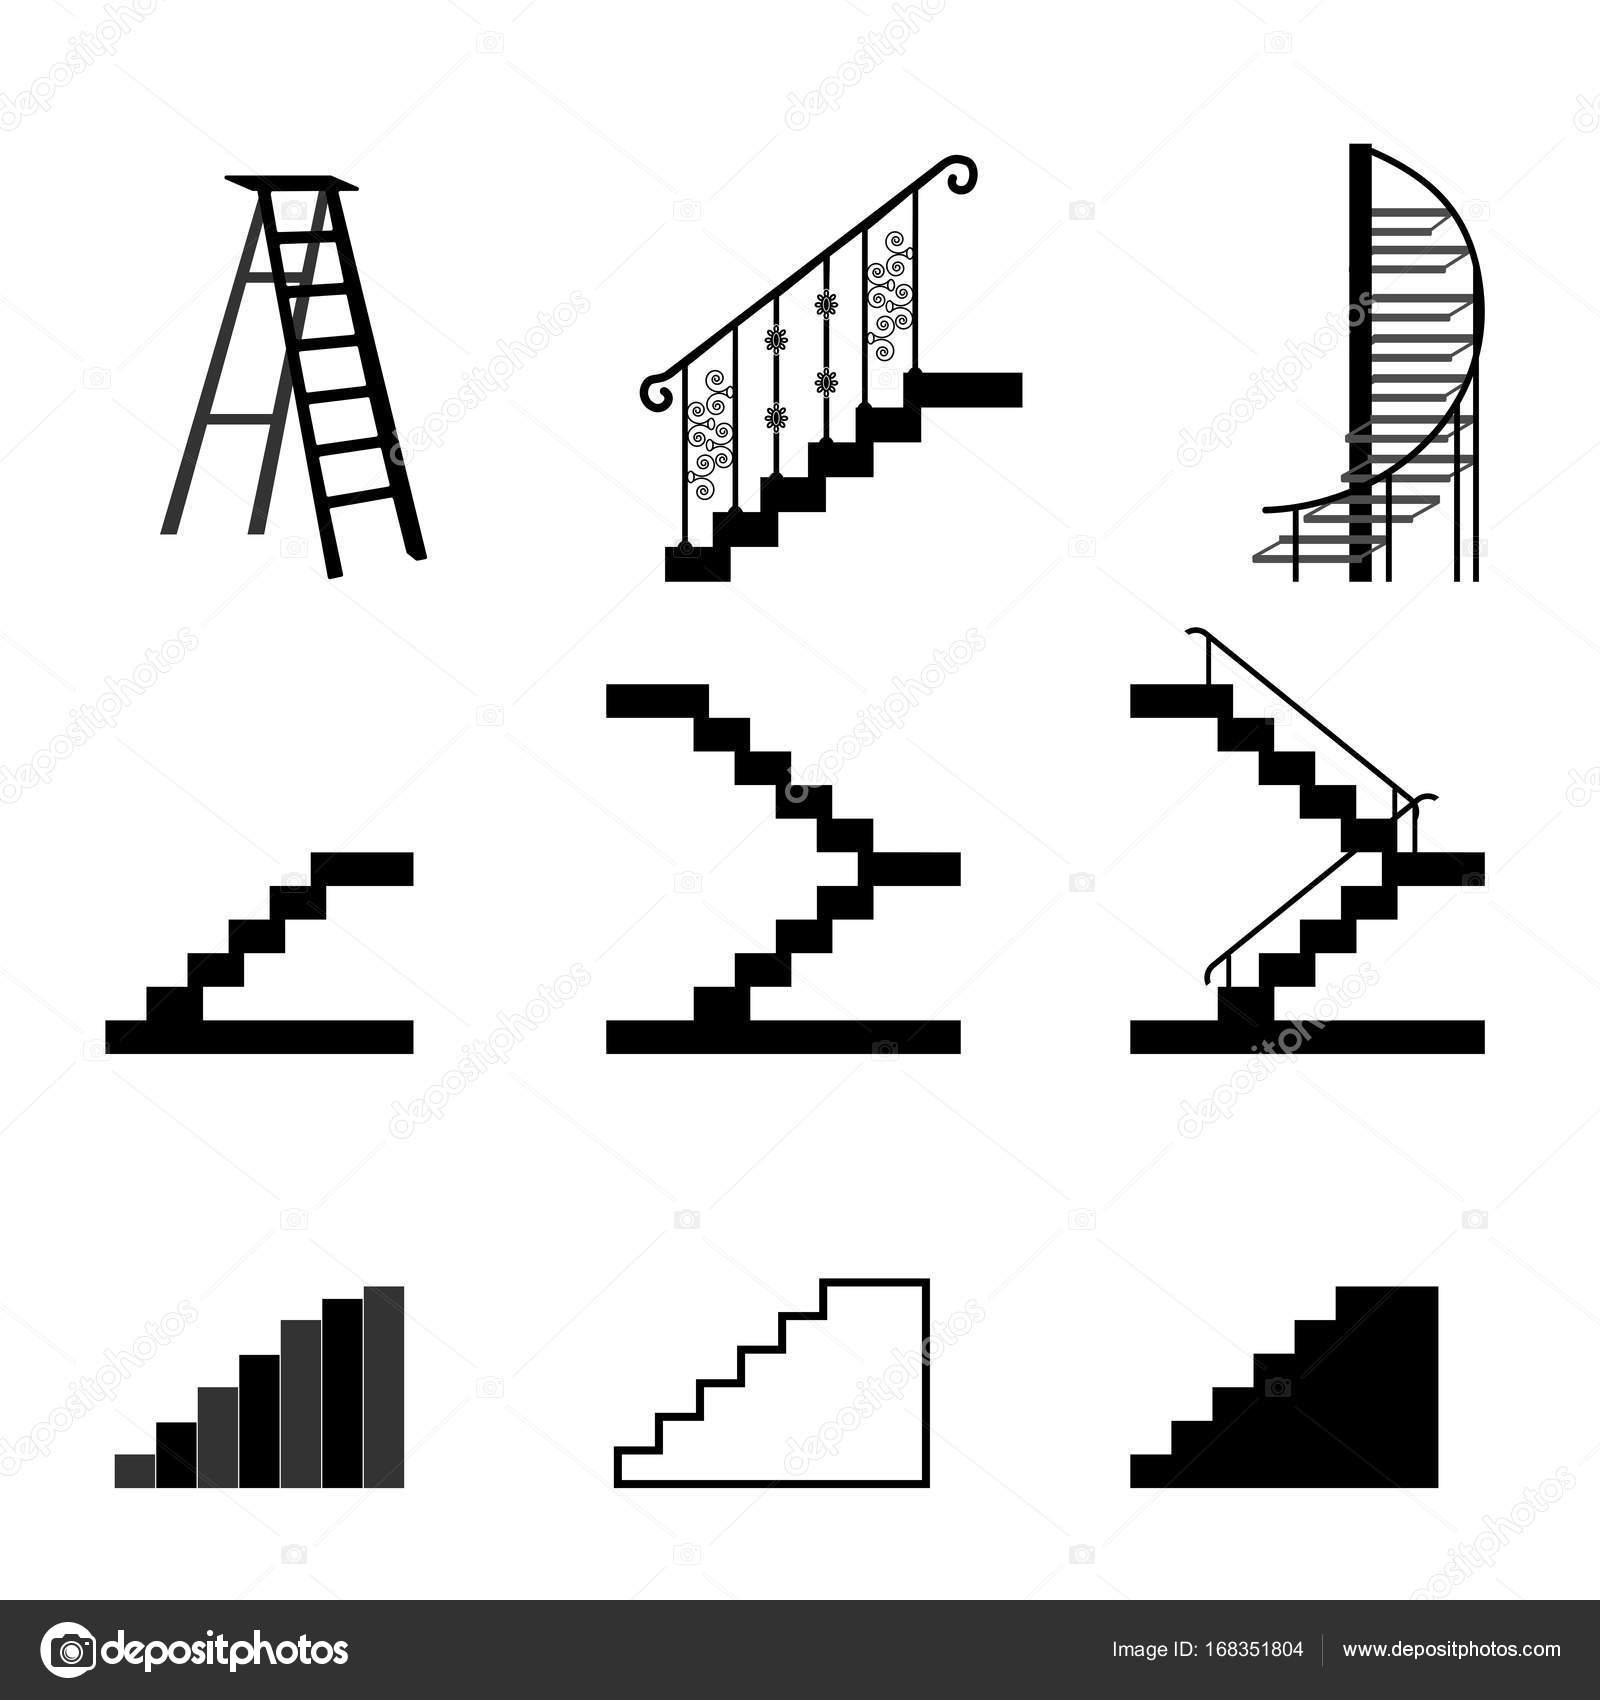 Diferentes tipos de escaleras vector de stock for Clases de escaleras